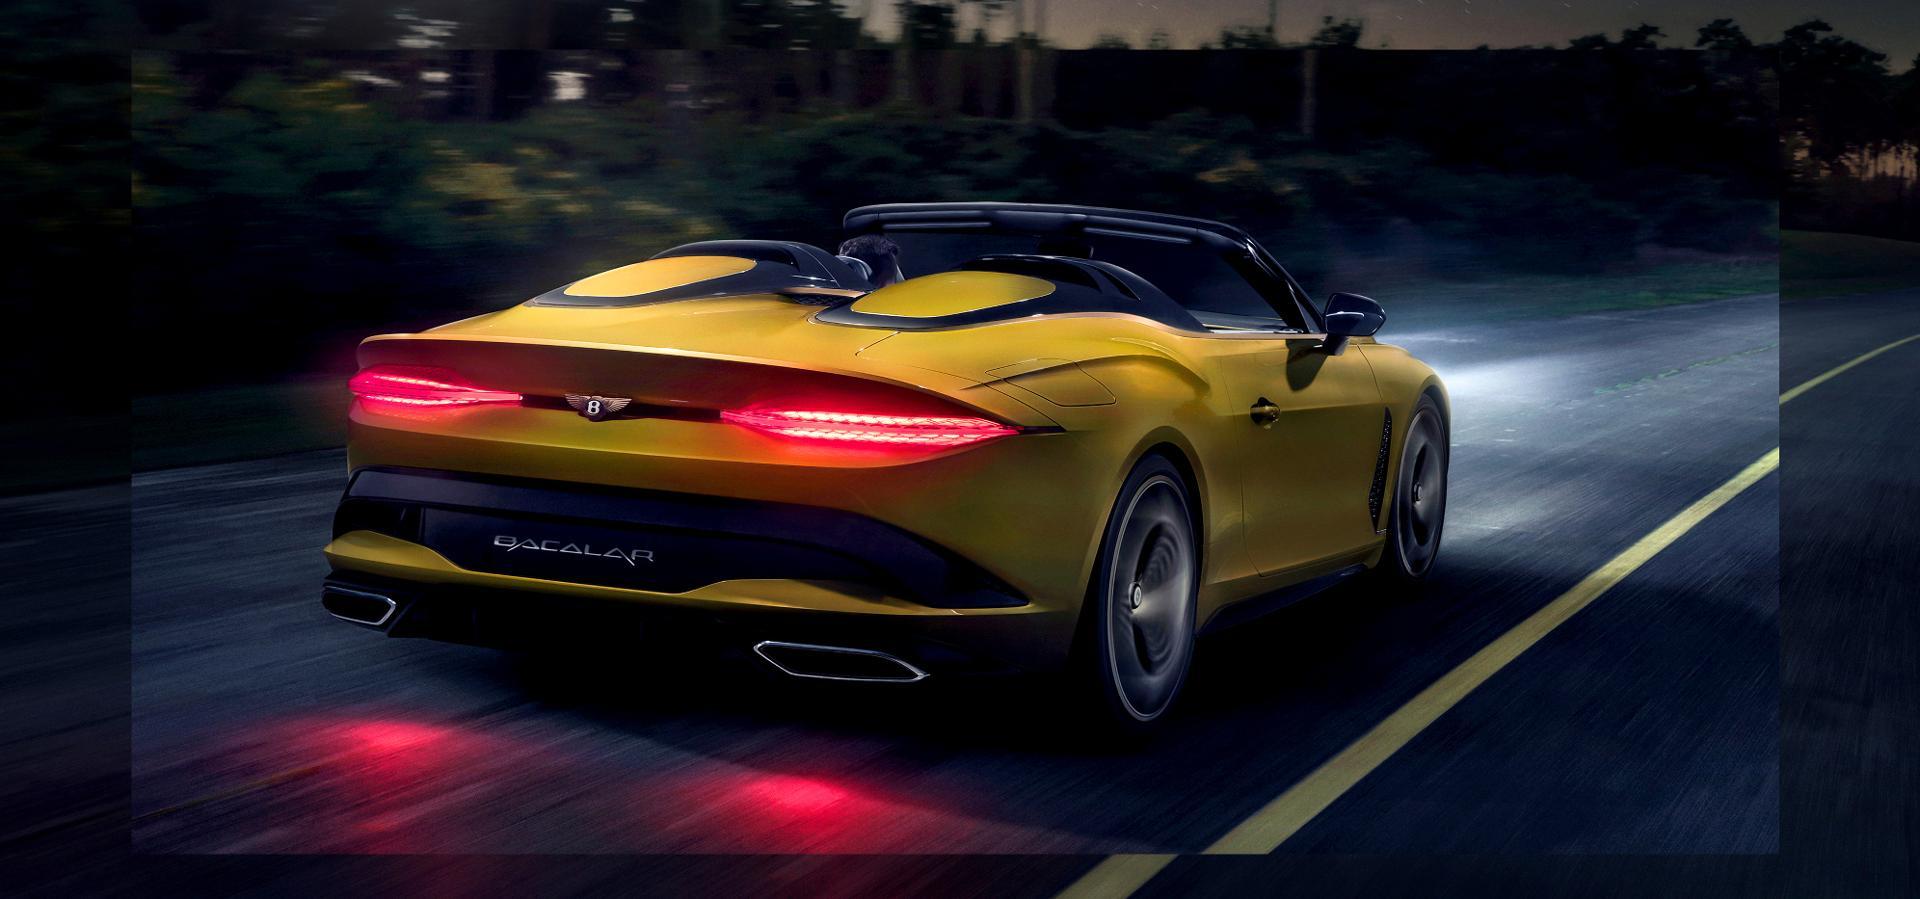 sieu xe hoi geneva 2020 - Bentley Mulliner Bacalar - elle man 1